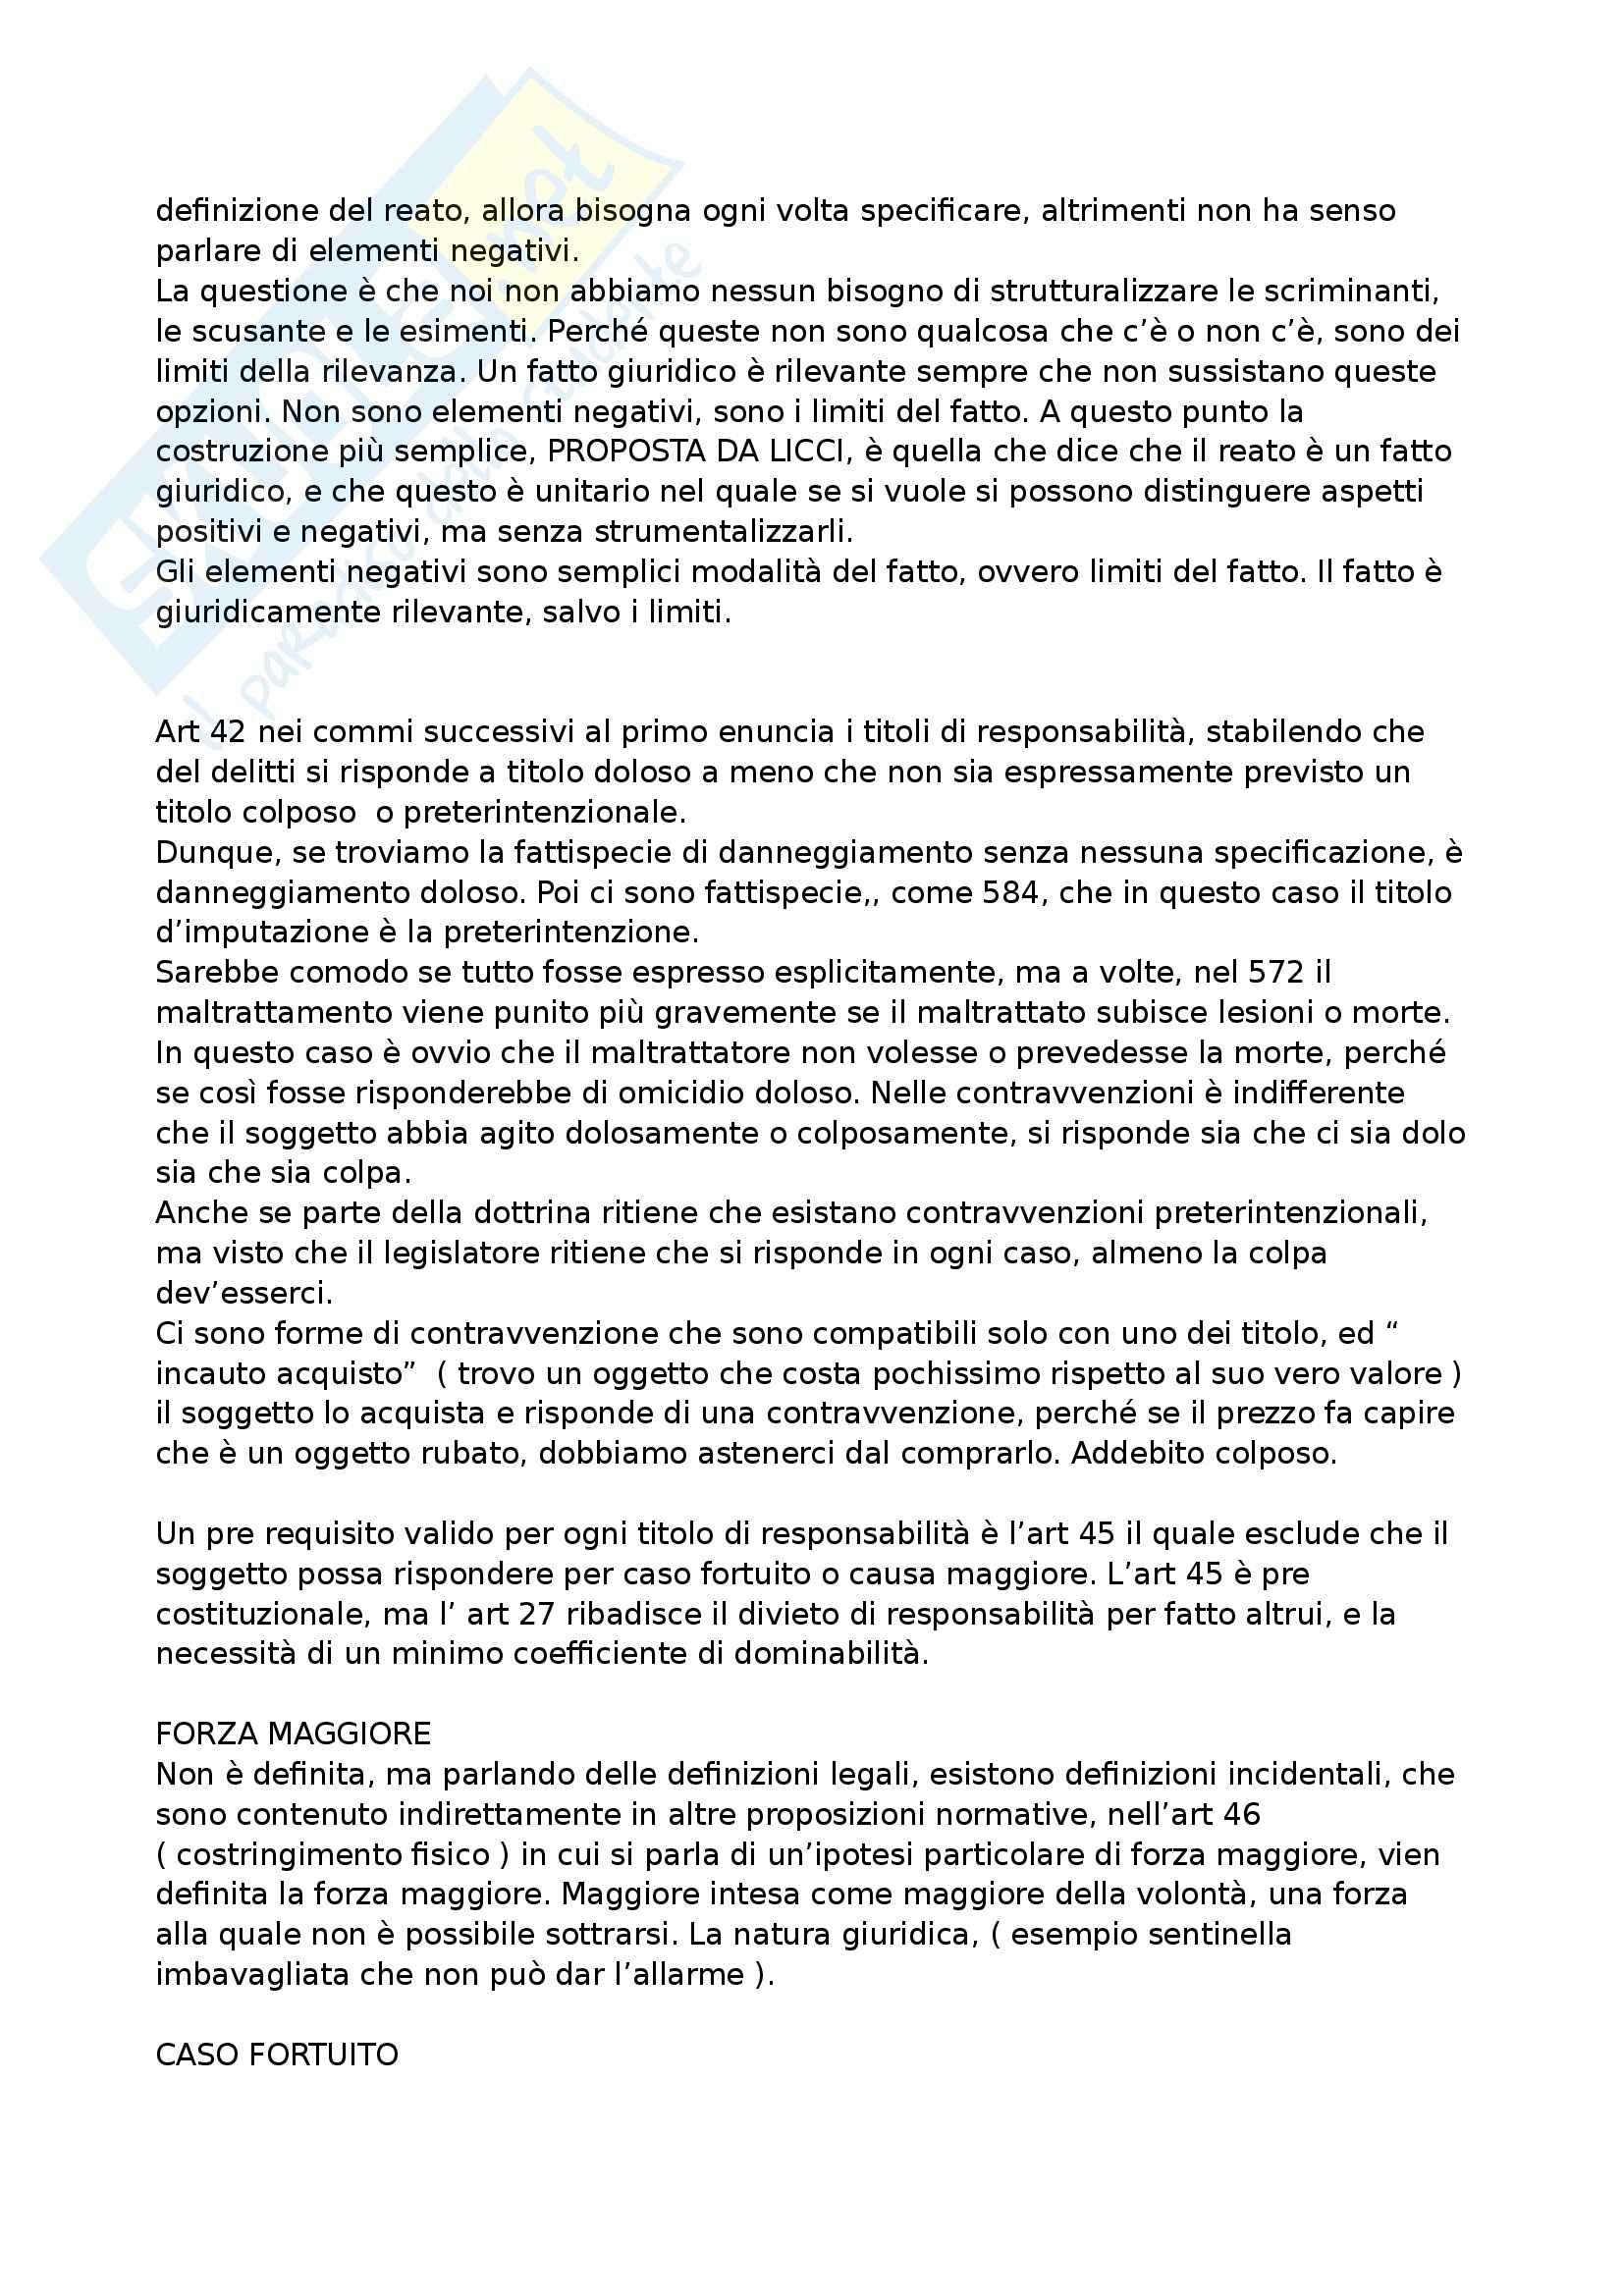 Diritto penale G. Licci  Appunti e lezioni Pag. 61